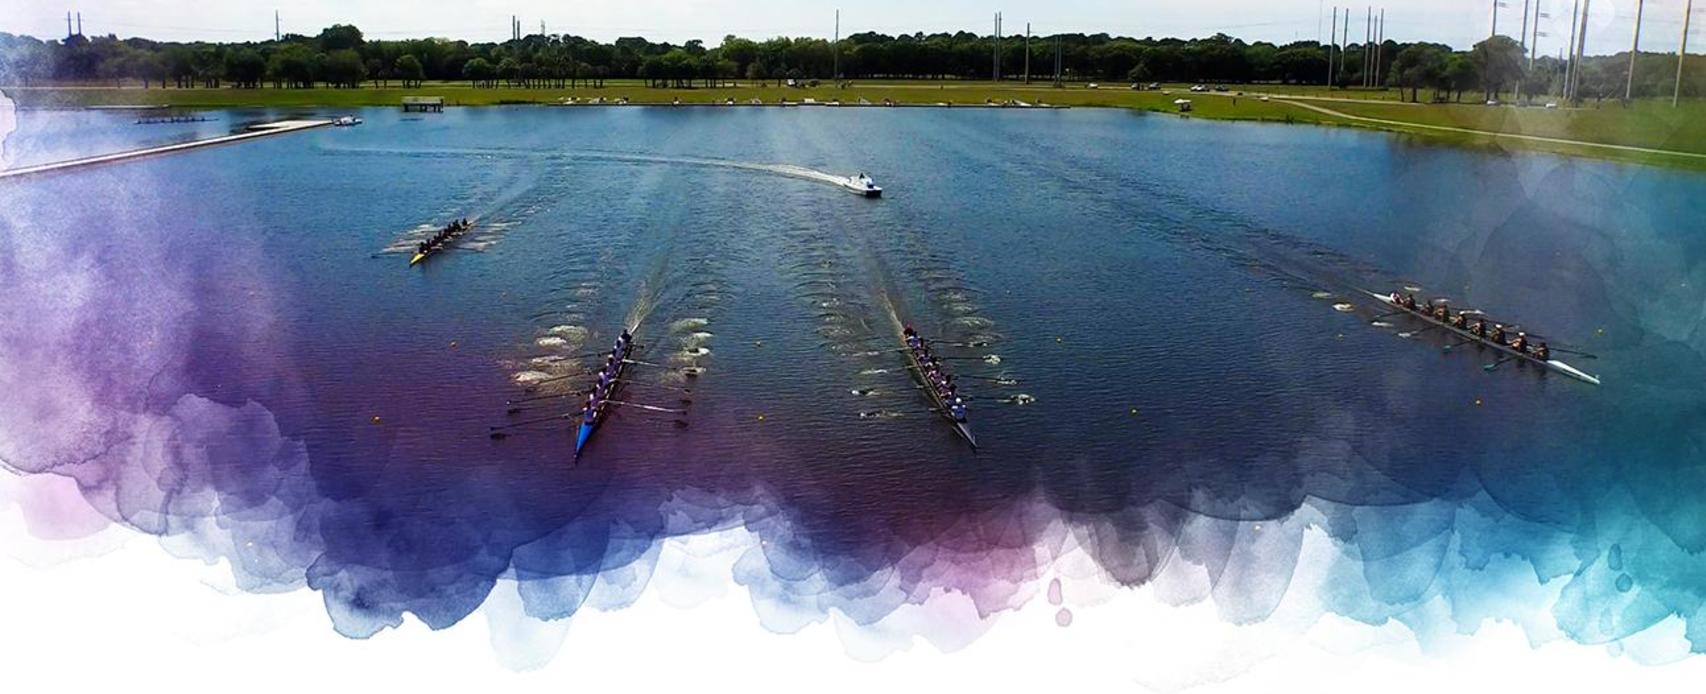 World Rowing 2017 at Nathan Benderson Park